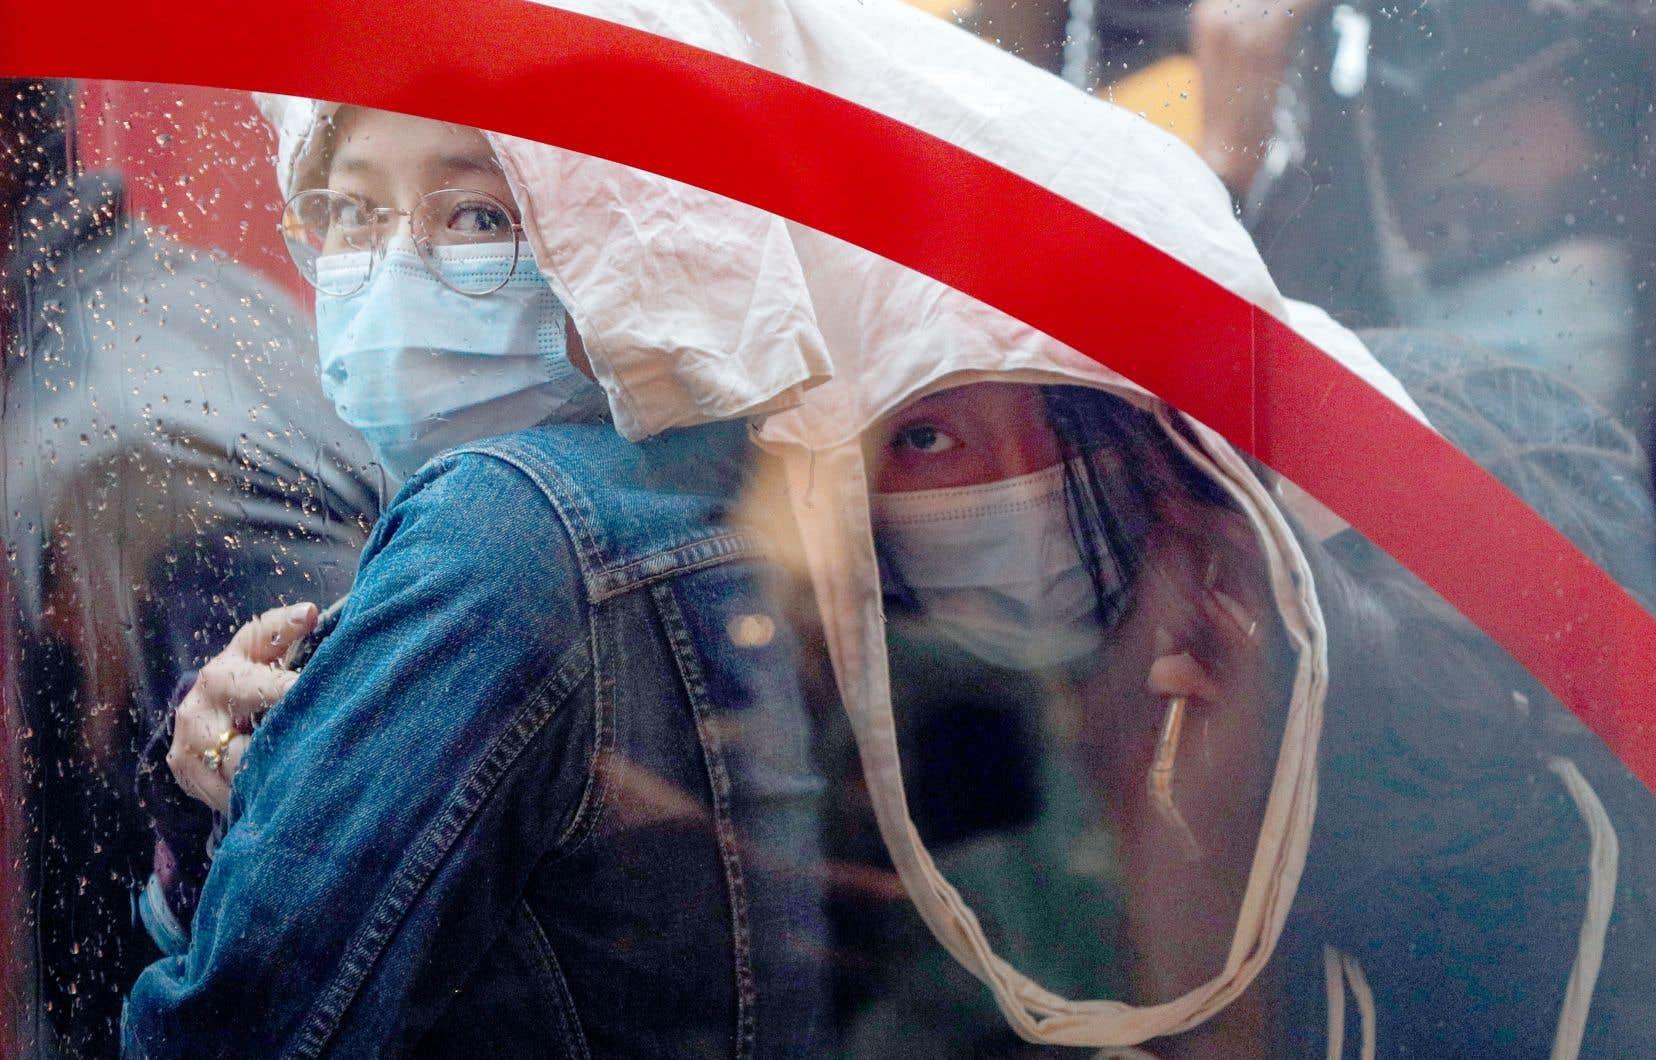 Au moment où le coronavirus avait contaminé plus de cinq millions de personnes en Europe, l'agence européenne chargée de surveiller les épidémies a fait état jeudi de sa «grande inquiétude» pour sept pays de l'UE: l'Espagne, la Roumanie, la Bulgarie, la Croatie, la Hongrie, la République tchèque et Malte.